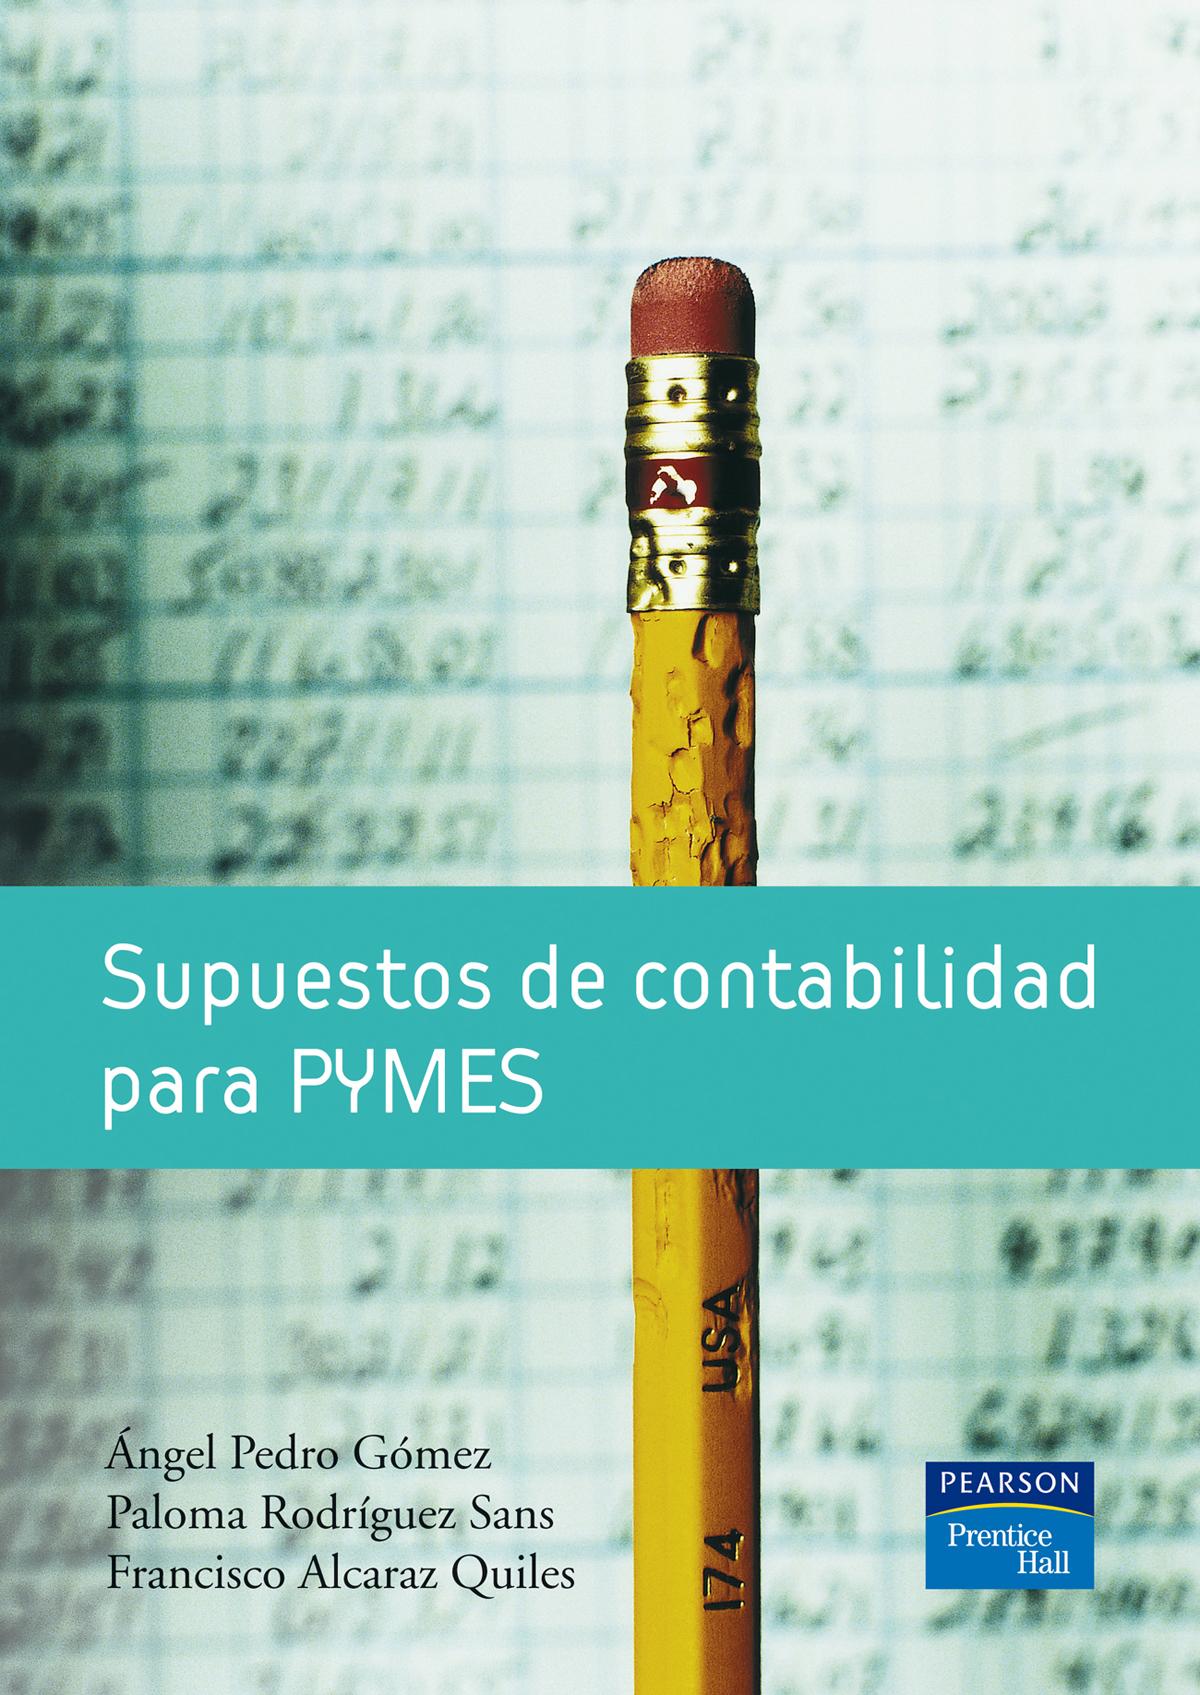 SUPUESTOS DE CONTABILIDAD PARA PYMES